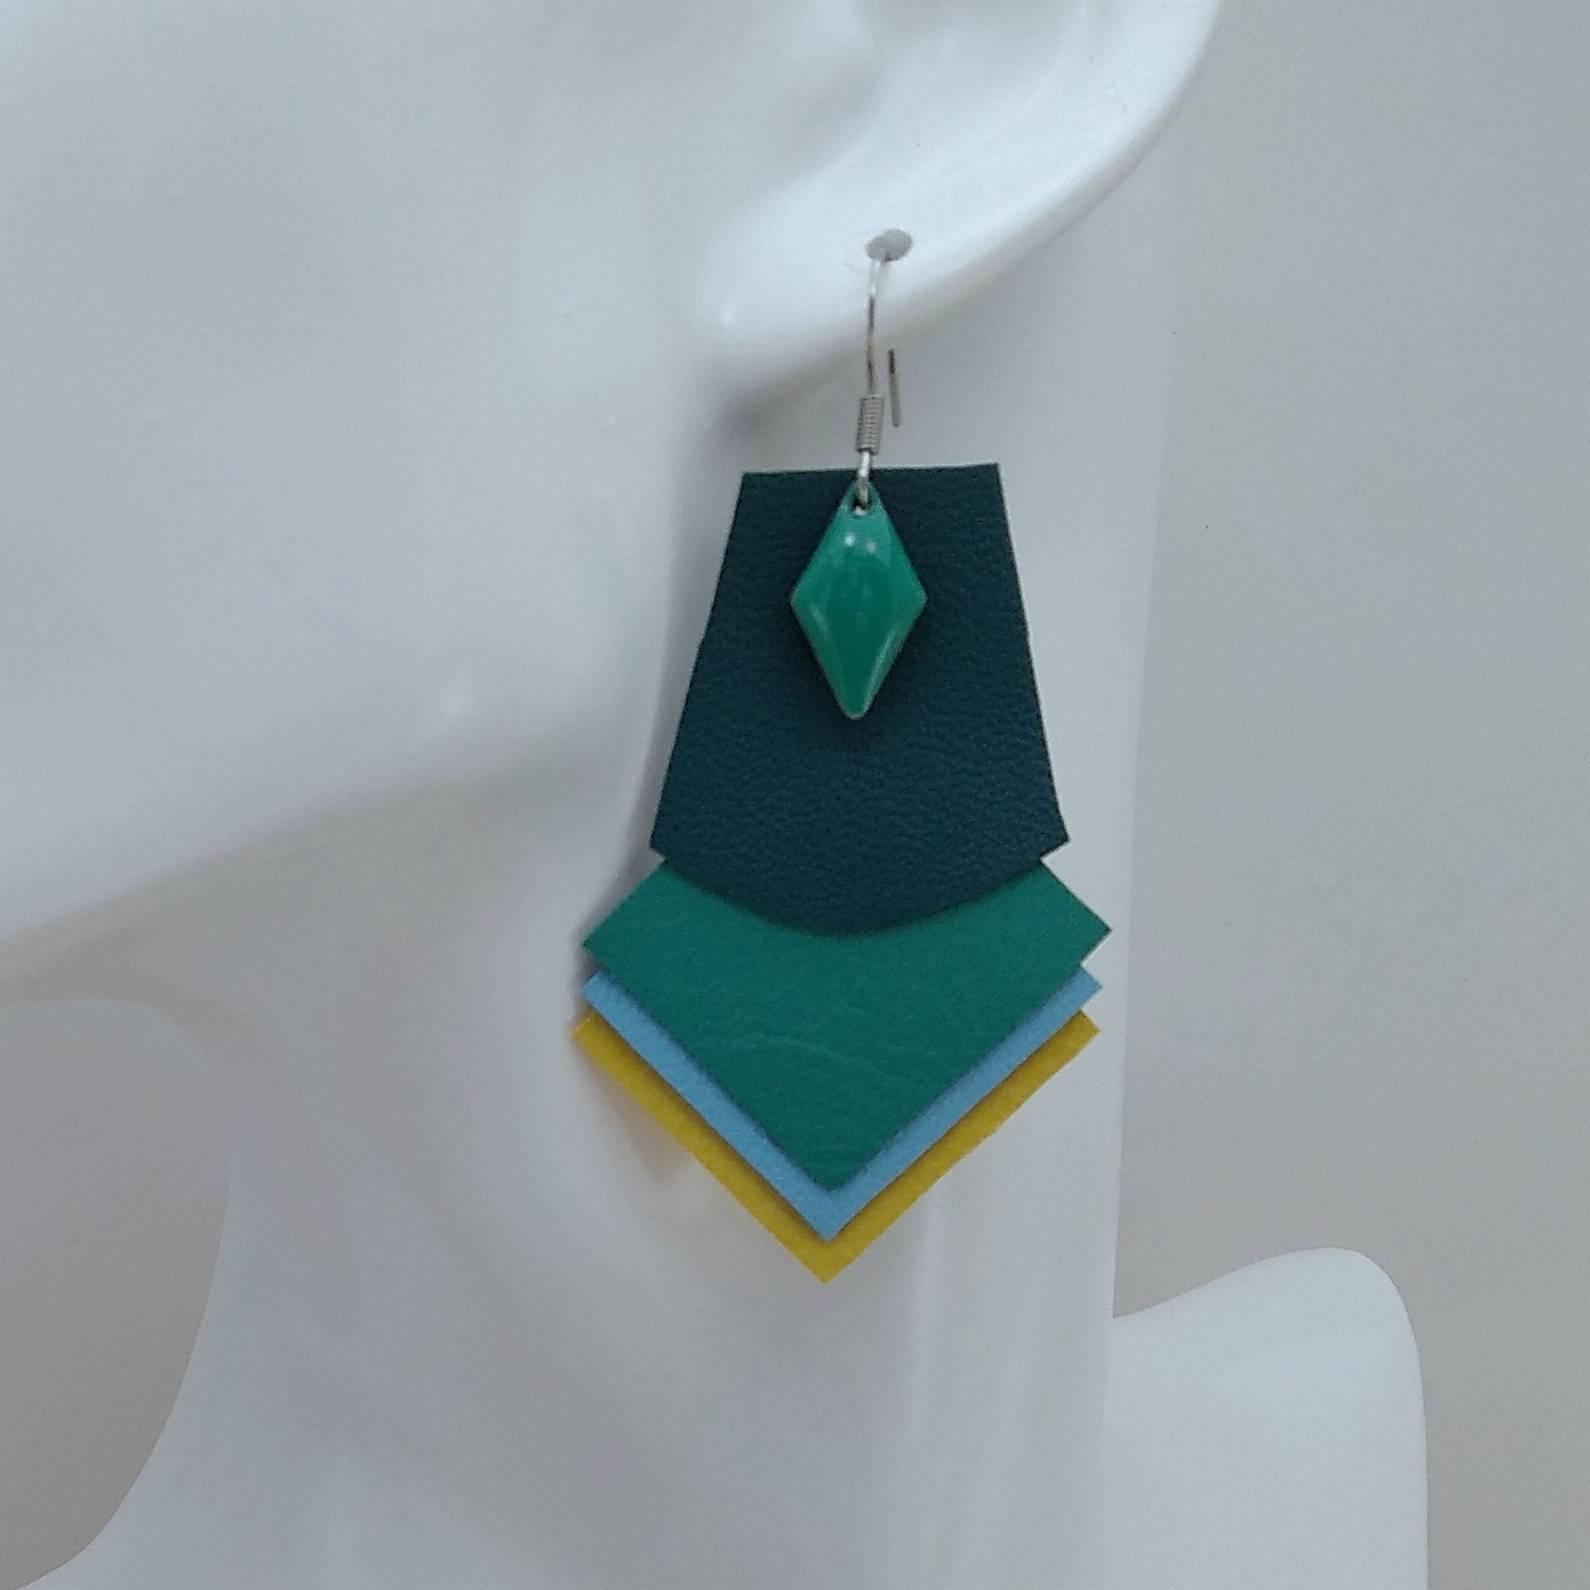 B.O. FORMIDABLE modèle 1 Breloque losange vert prasin et cuir vert émeraude/vert prasin/bleu azur/jaune